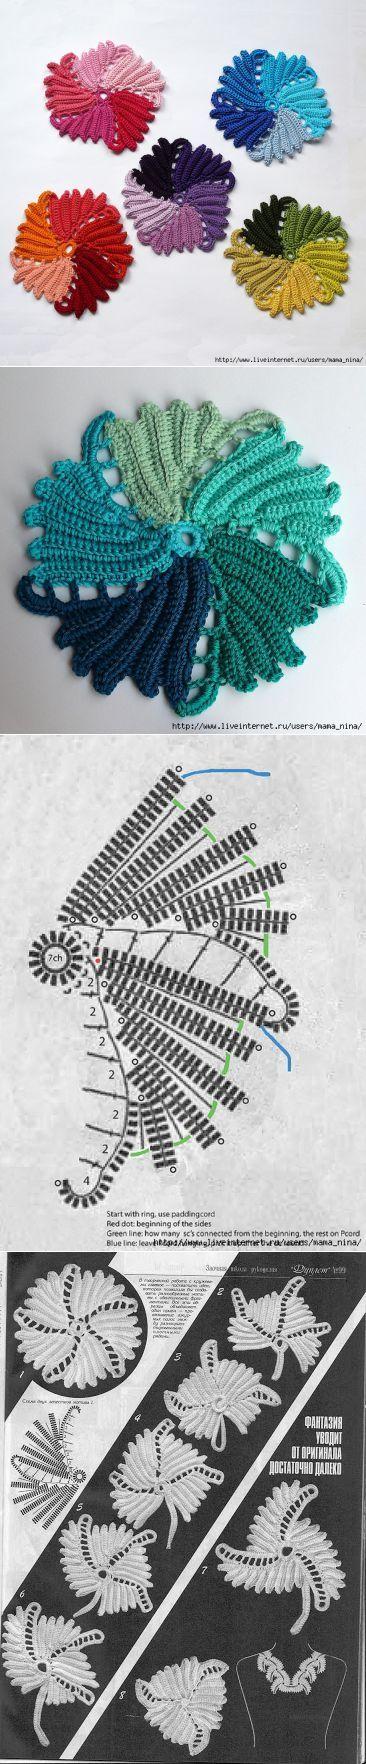 Спиральный мотив .   Ирландское кружево.   Постила